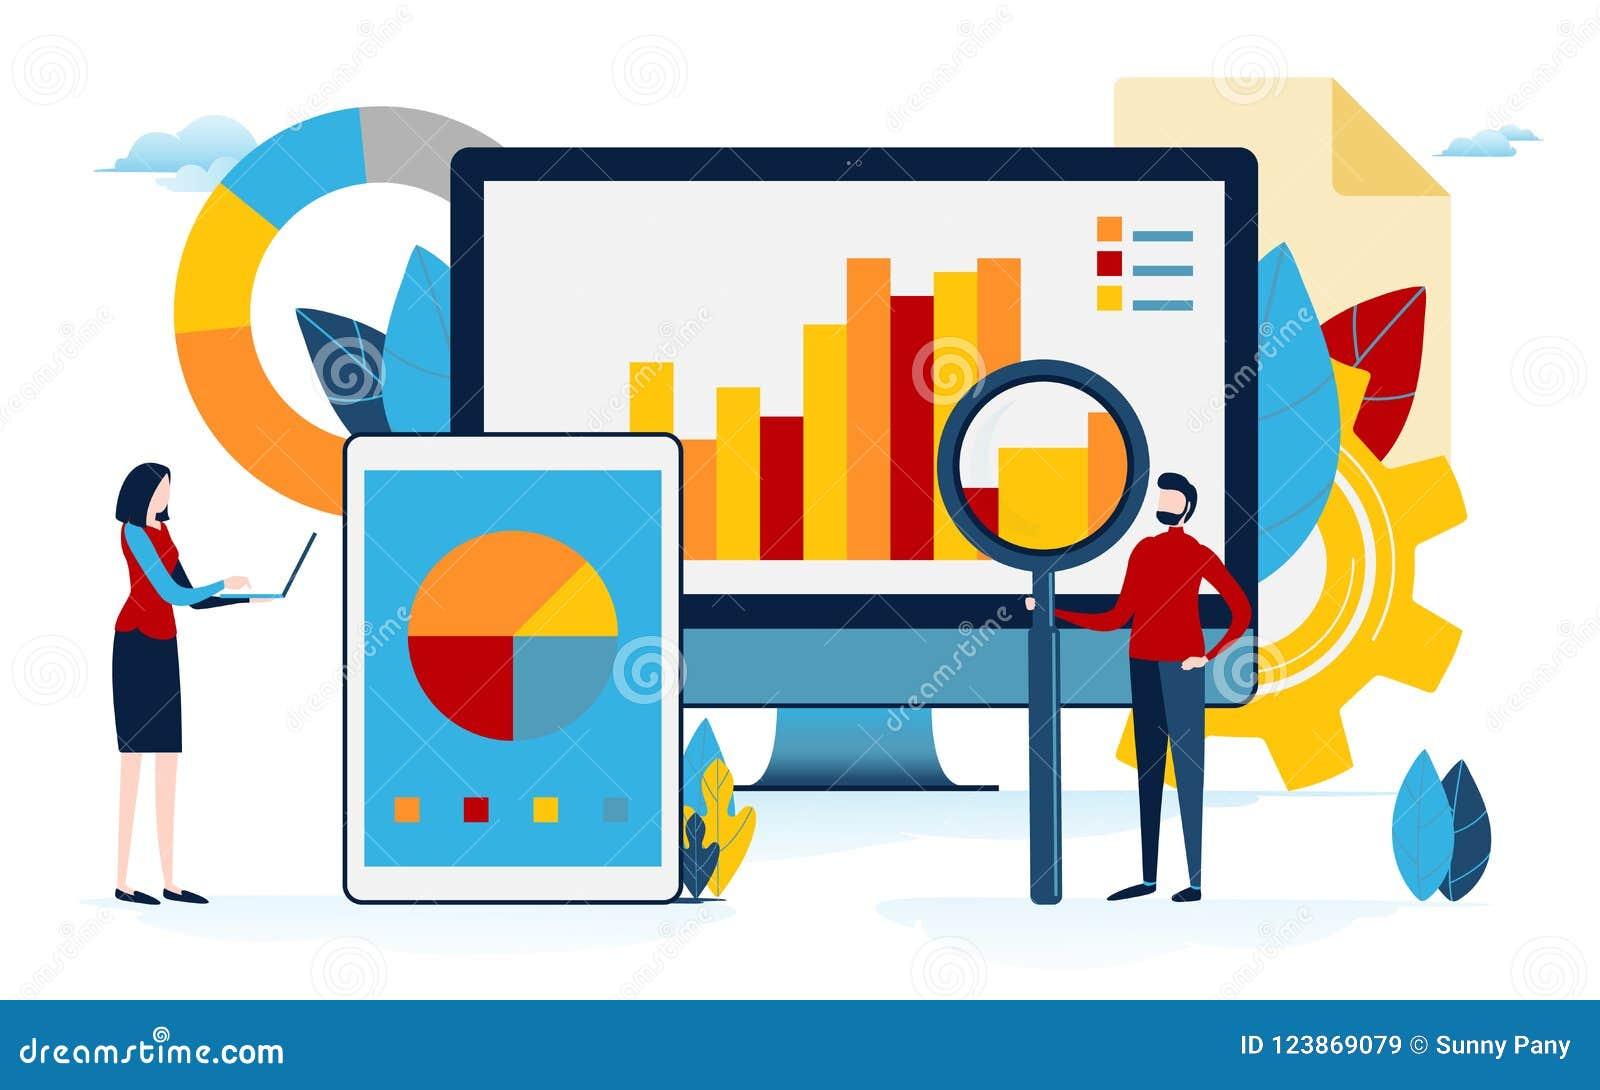 分析接近的数据手指裱糊铅笔视图妇女 企业内容 图表,圆形统计图表,信息图表 平的动画片微型例证向量图形